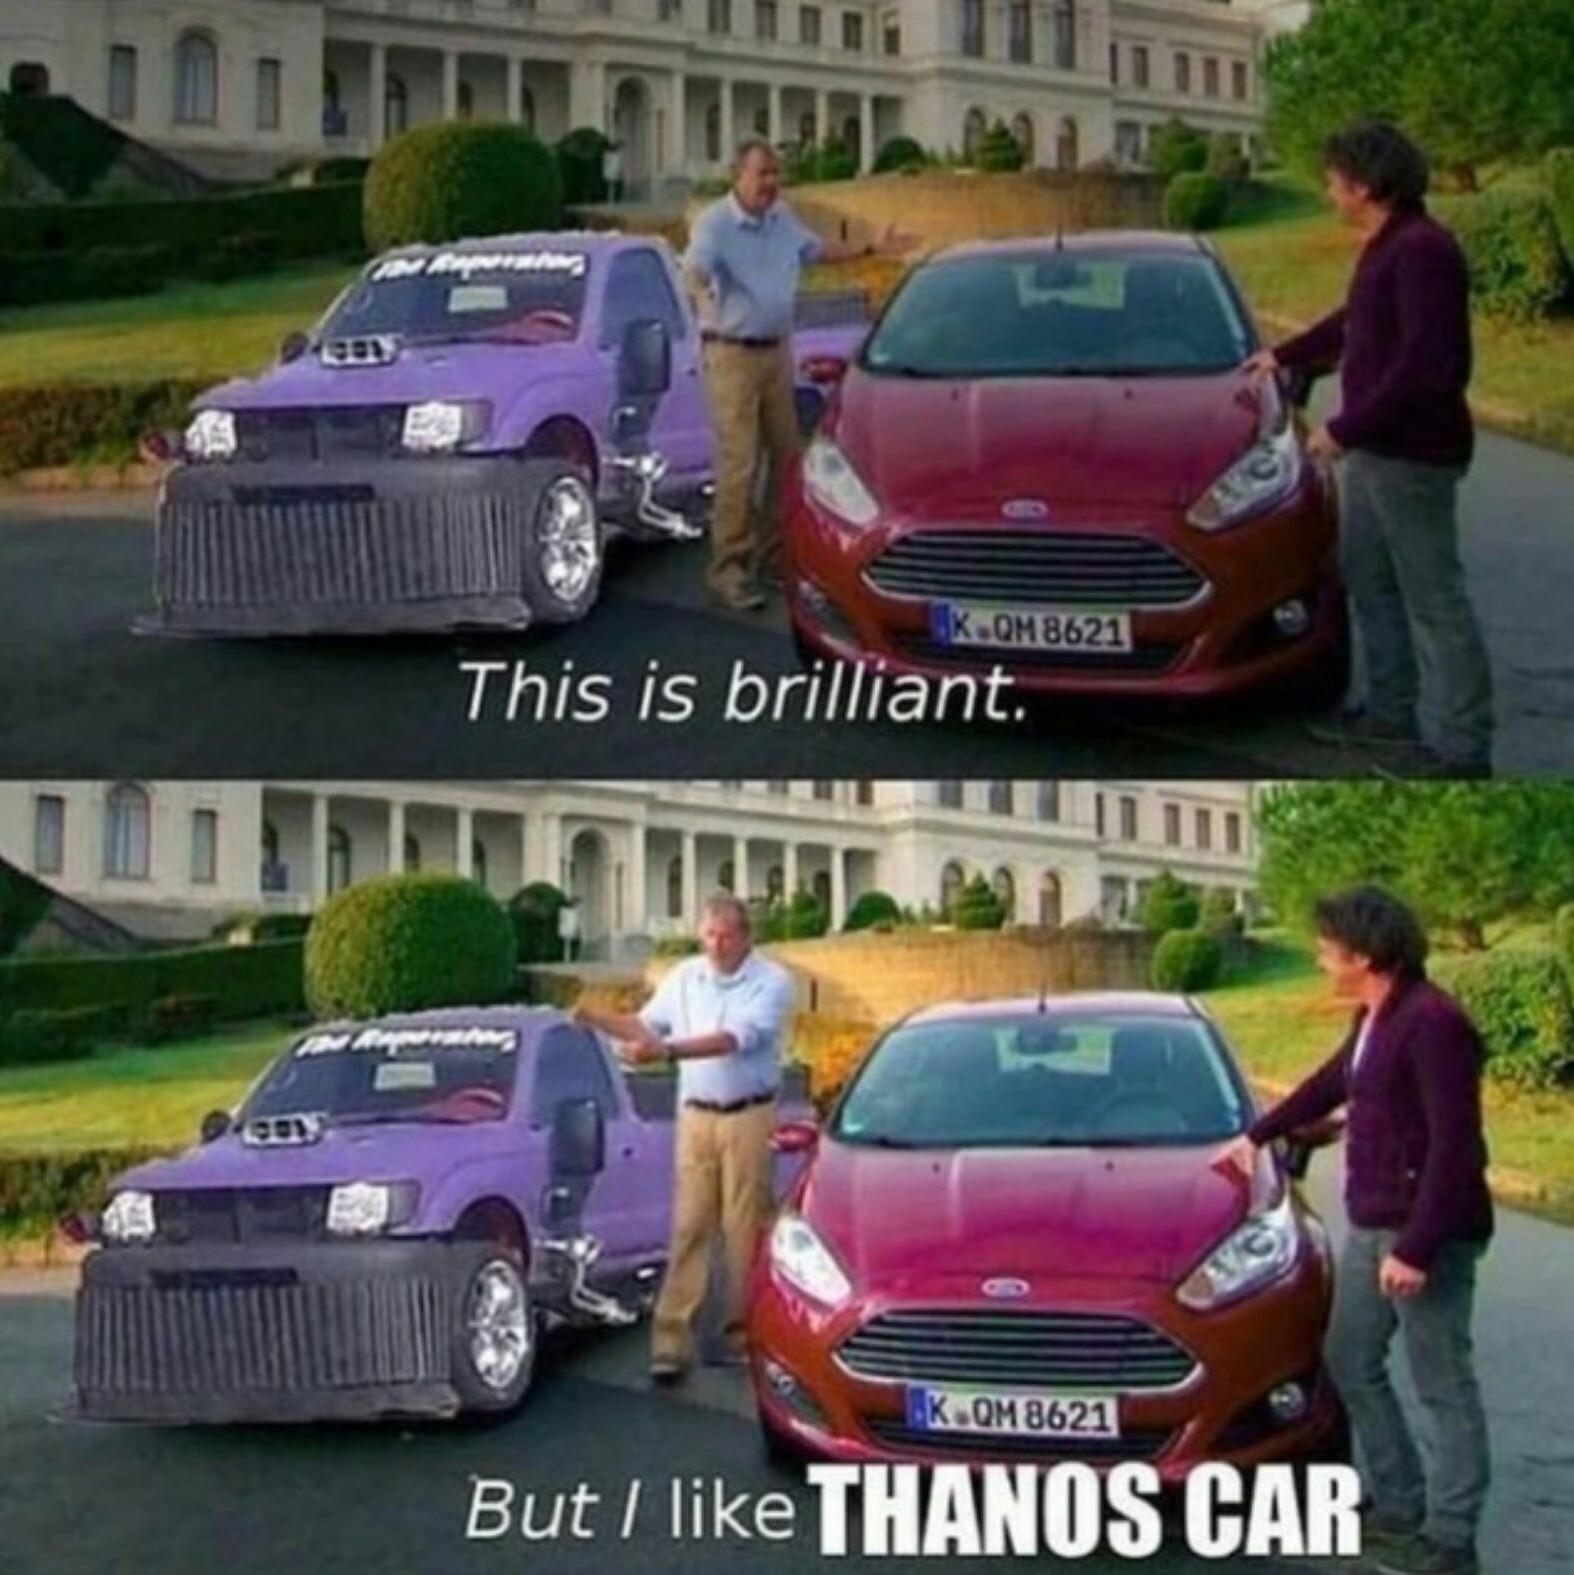 Thanos car - meme